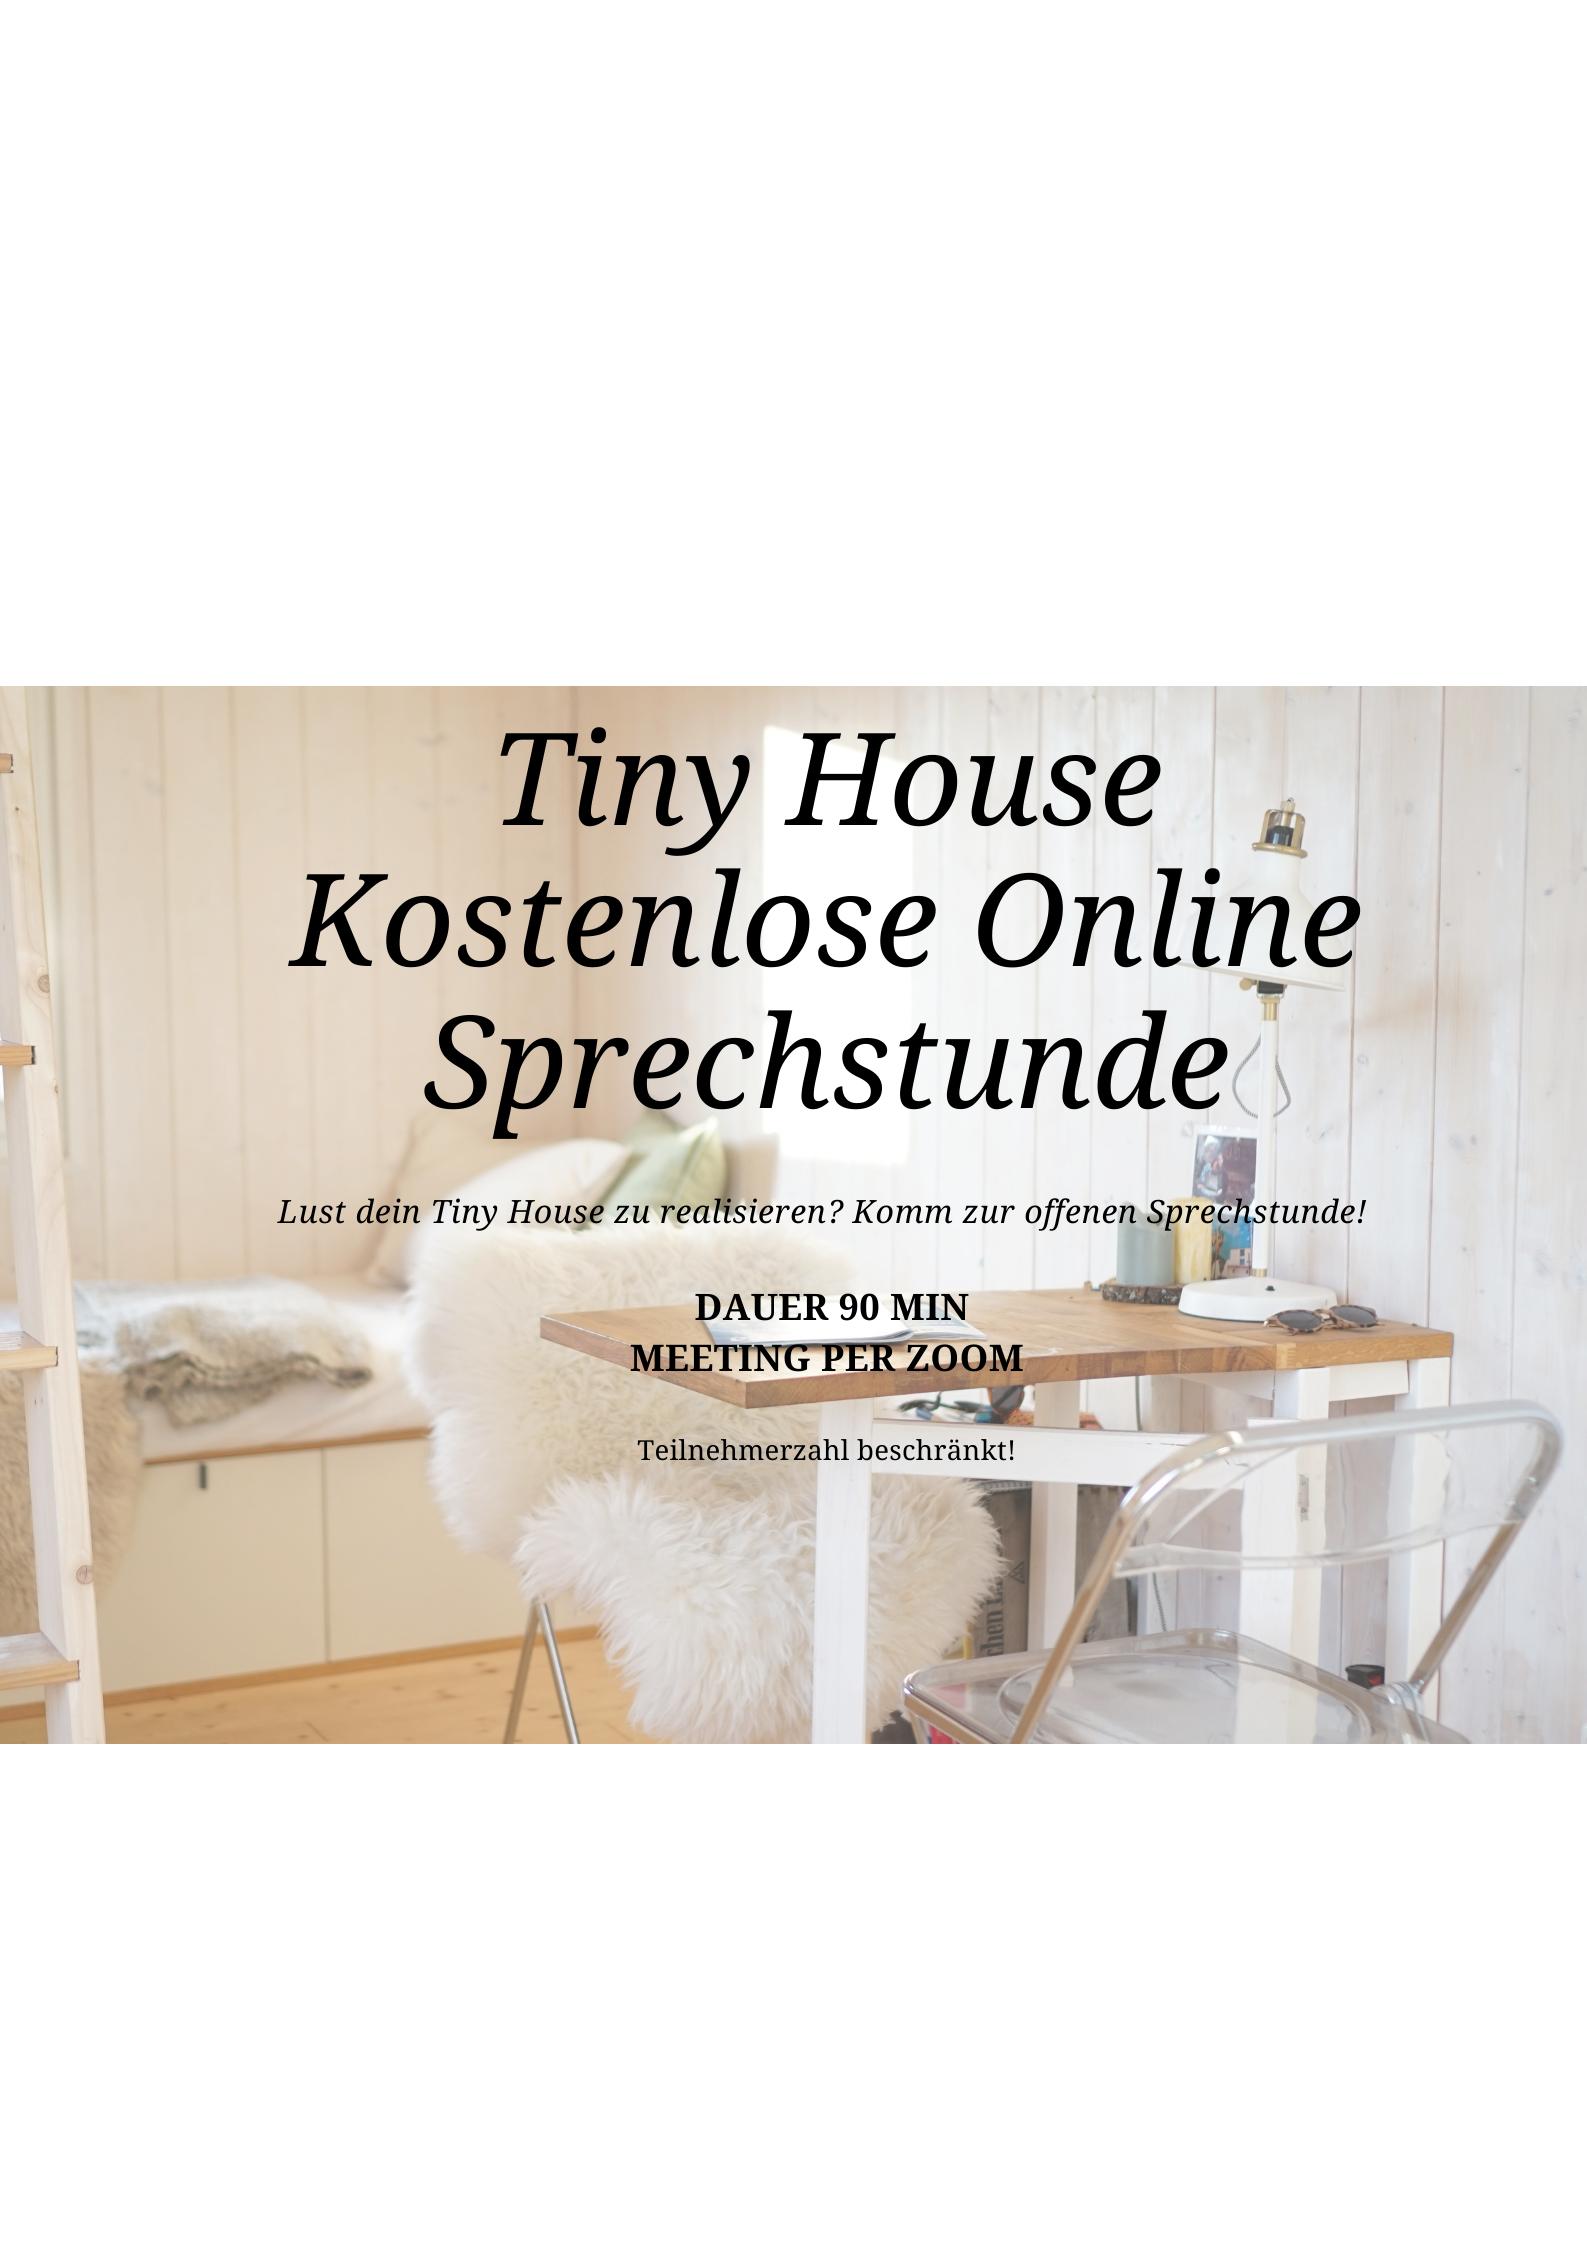 Kostenlose Tinyhouse Sprechstunde